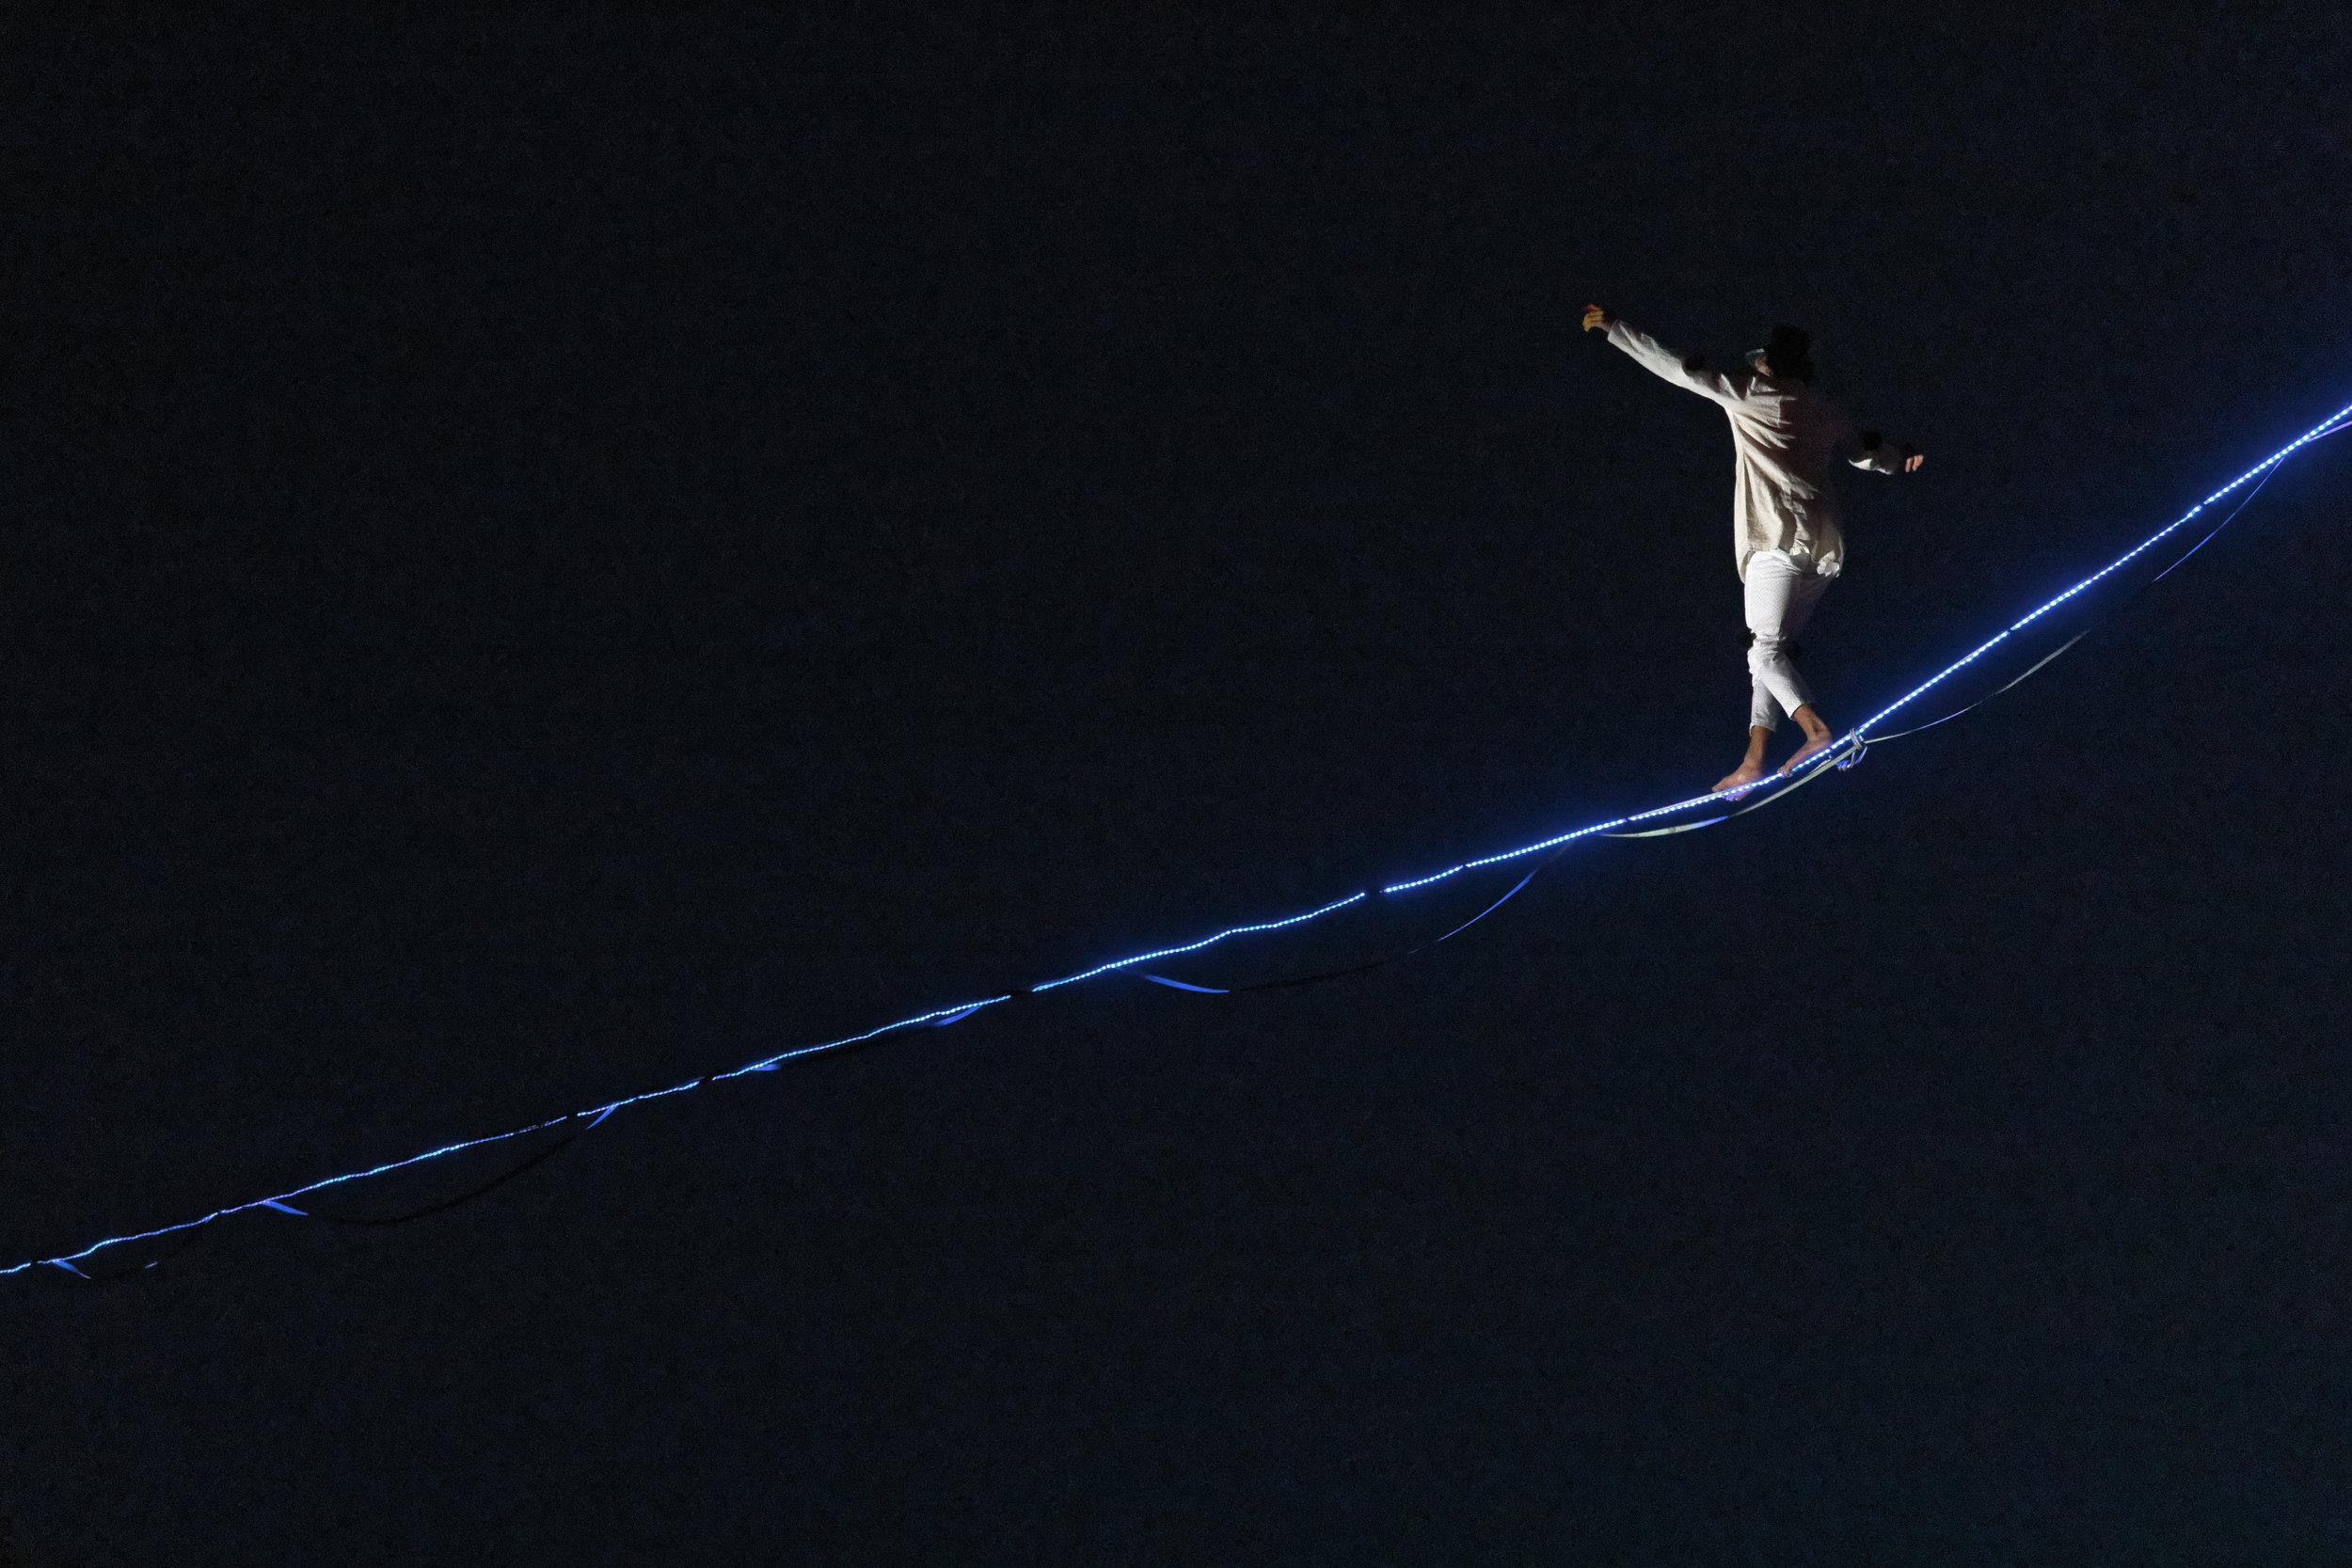 Fête de la Musique Tour de Peilz harpe suisse highline trickline show funambule circus performance spectacle ecole suisse Slackline Lyell Grunberg (5).jpg